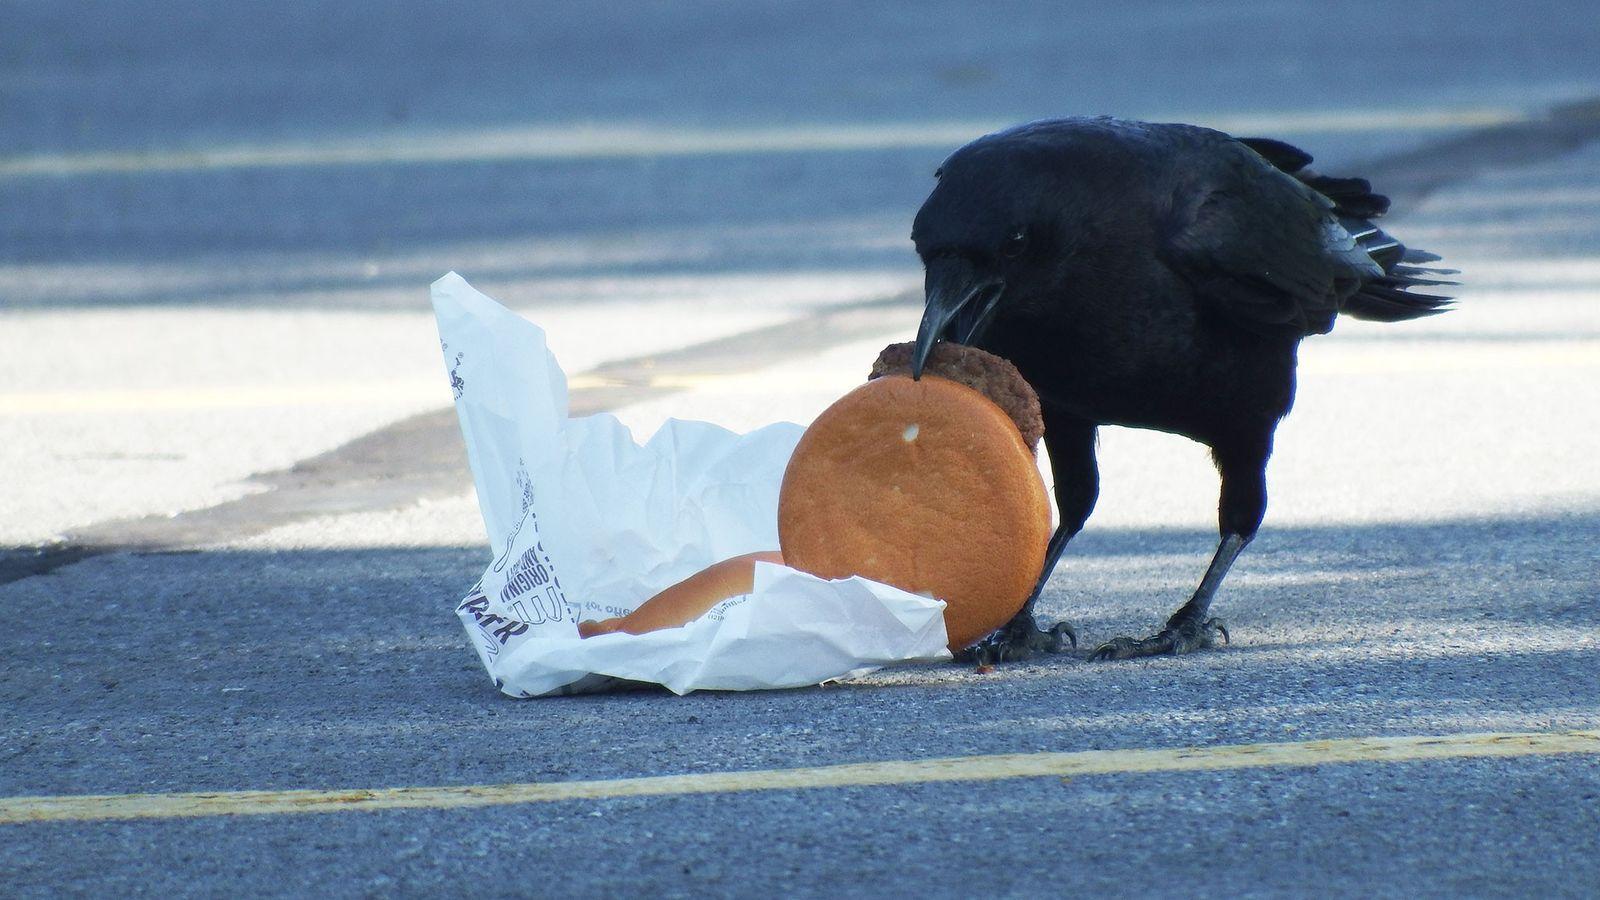 Cientistas alimentaram corvos com cheeseburgueres para saber se comer restos de alimentos humanos afeta a sobrevivência ...